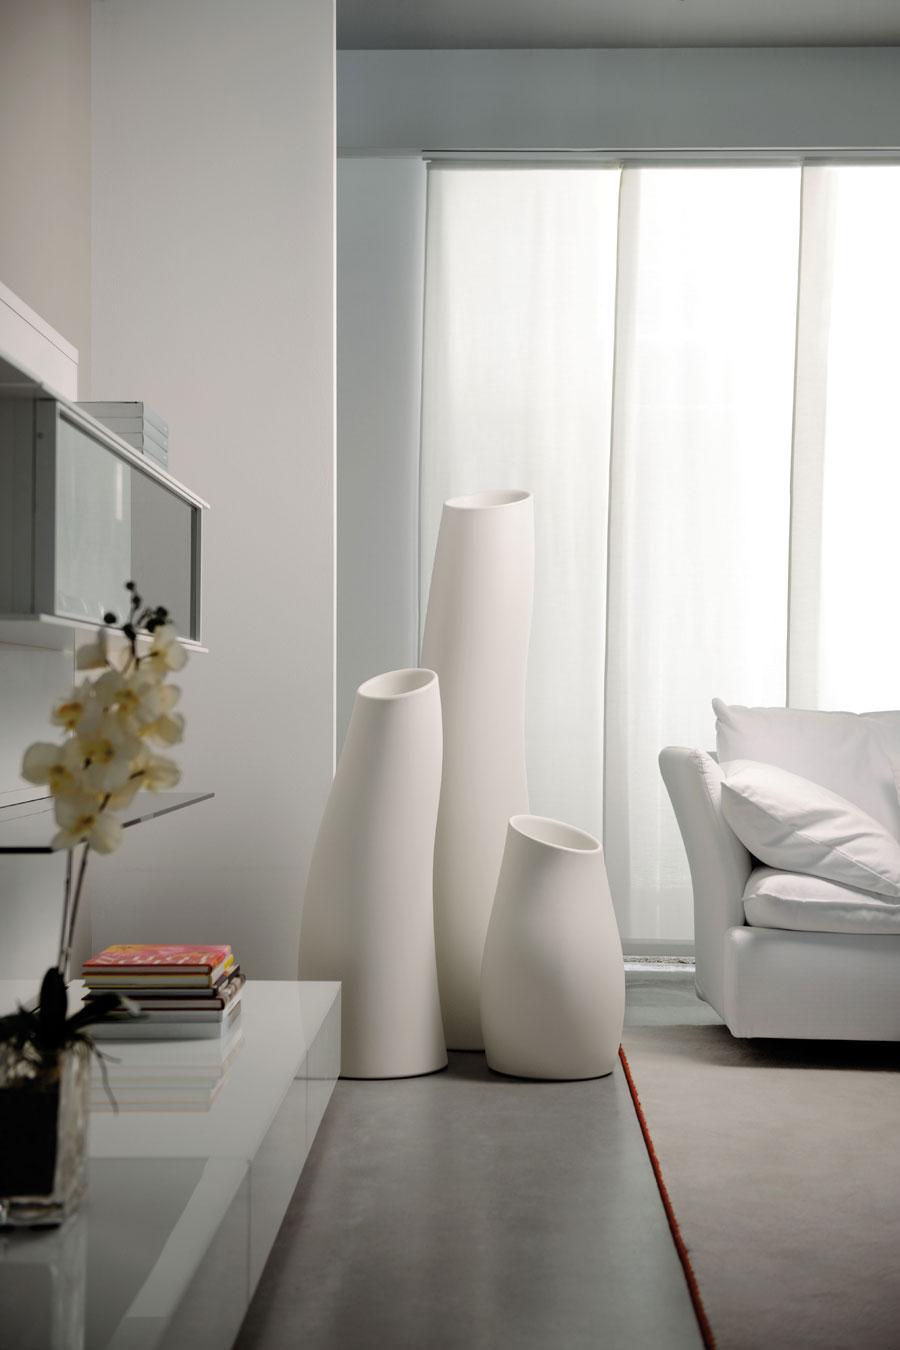 Vaso giardino design interno esterno moderno fioriera vasi for Vasi per piante da interno moderni